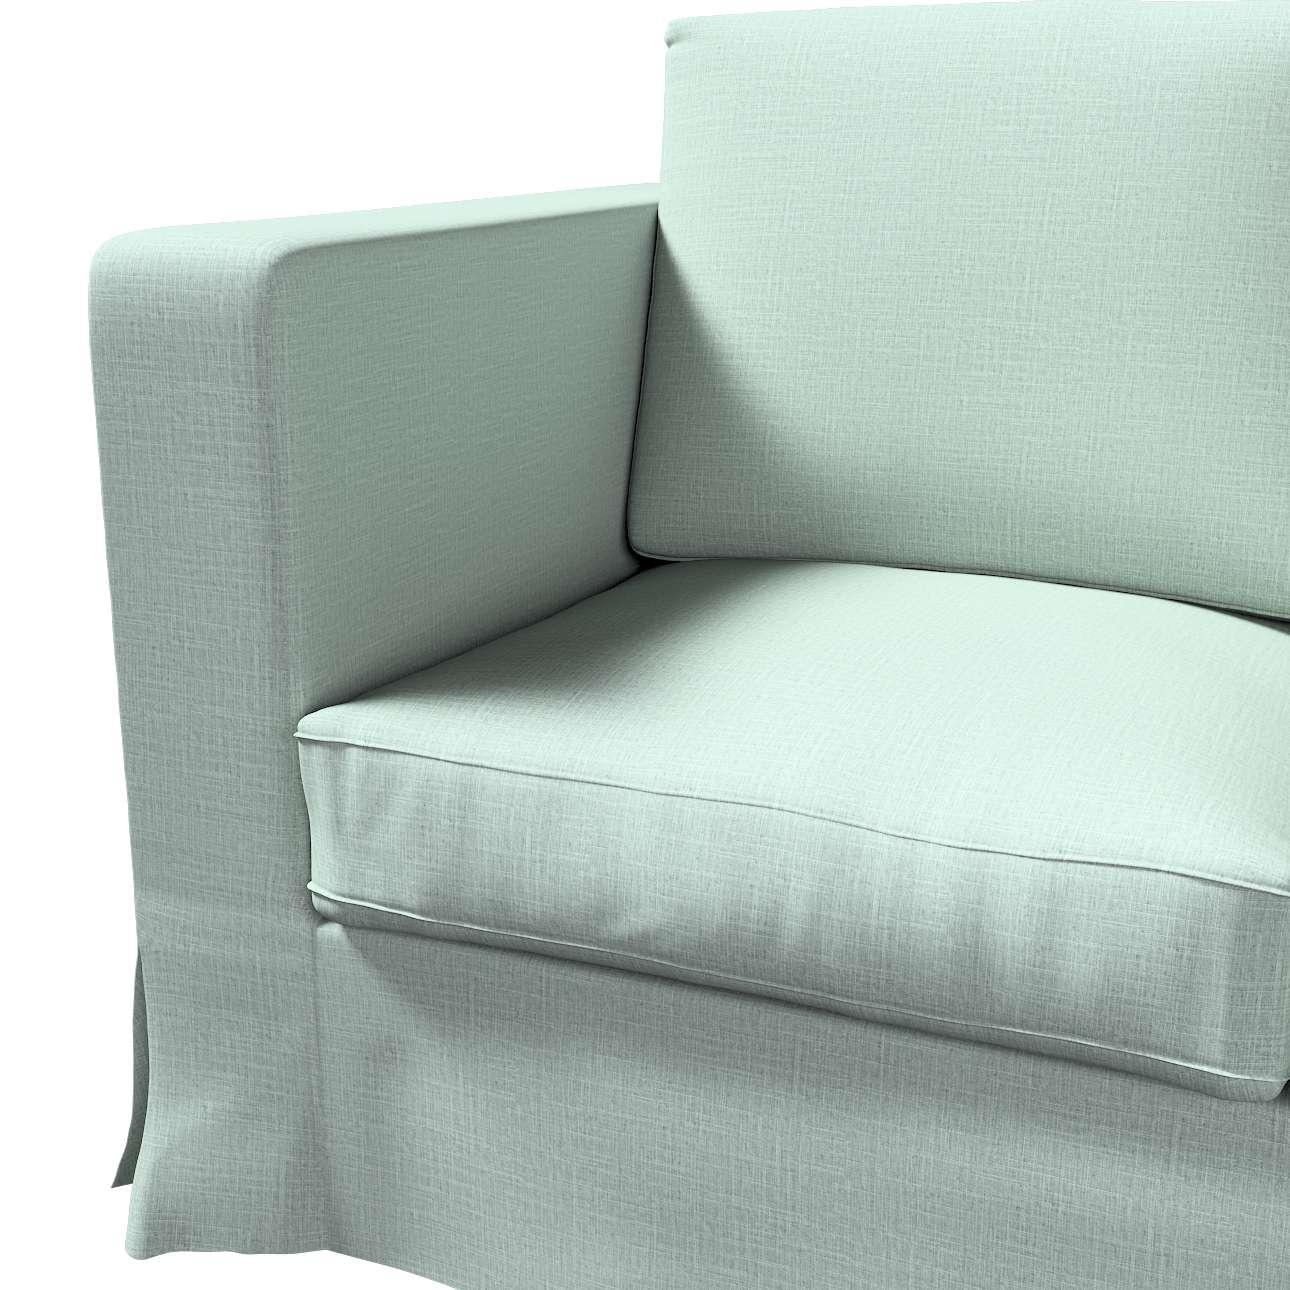 Karlanda klädsel 3-sits soffa - lång i kollektionen Living 2, Tyg: 160-86